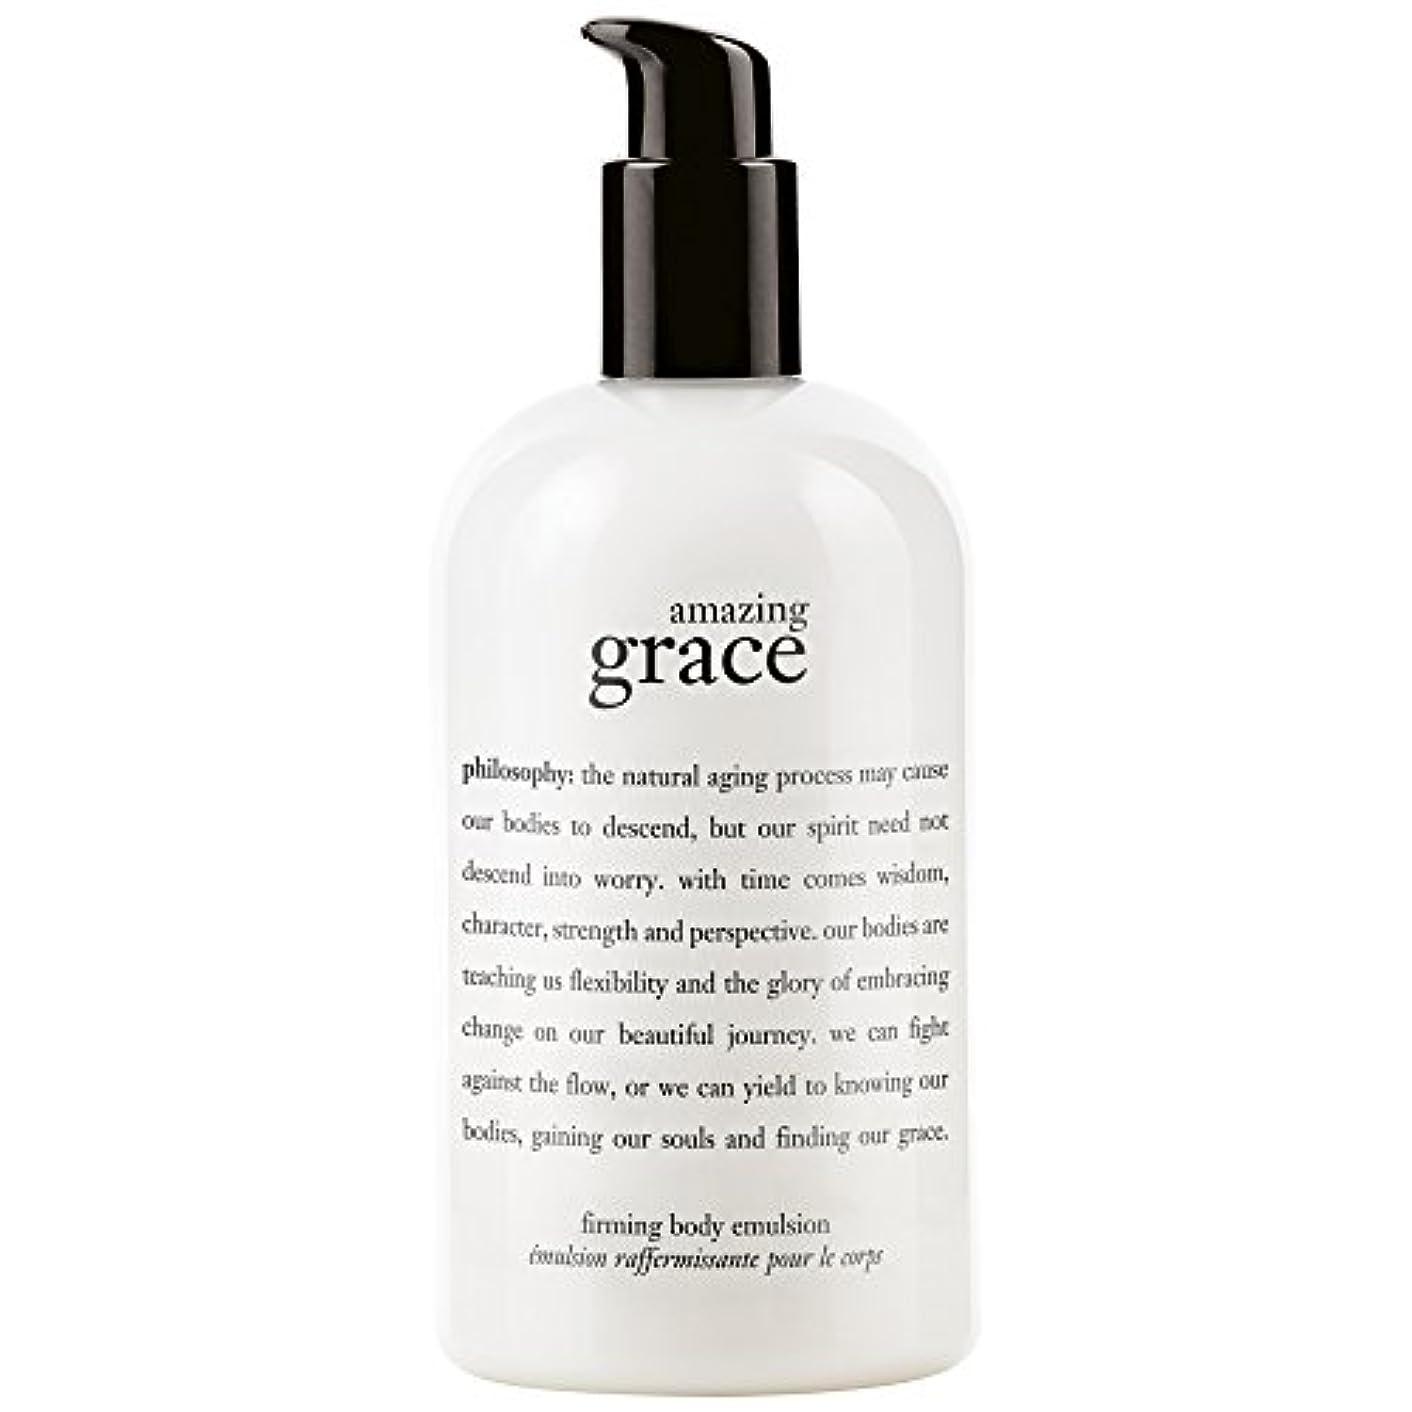 味方しなければならない着る哲学驚くべき恵み引き締めボディエマルジョン480ミリリットル (Philosophy) (x2) - Philosophy Amazing Grace Firming Body Emulsion 480ml (Pack...